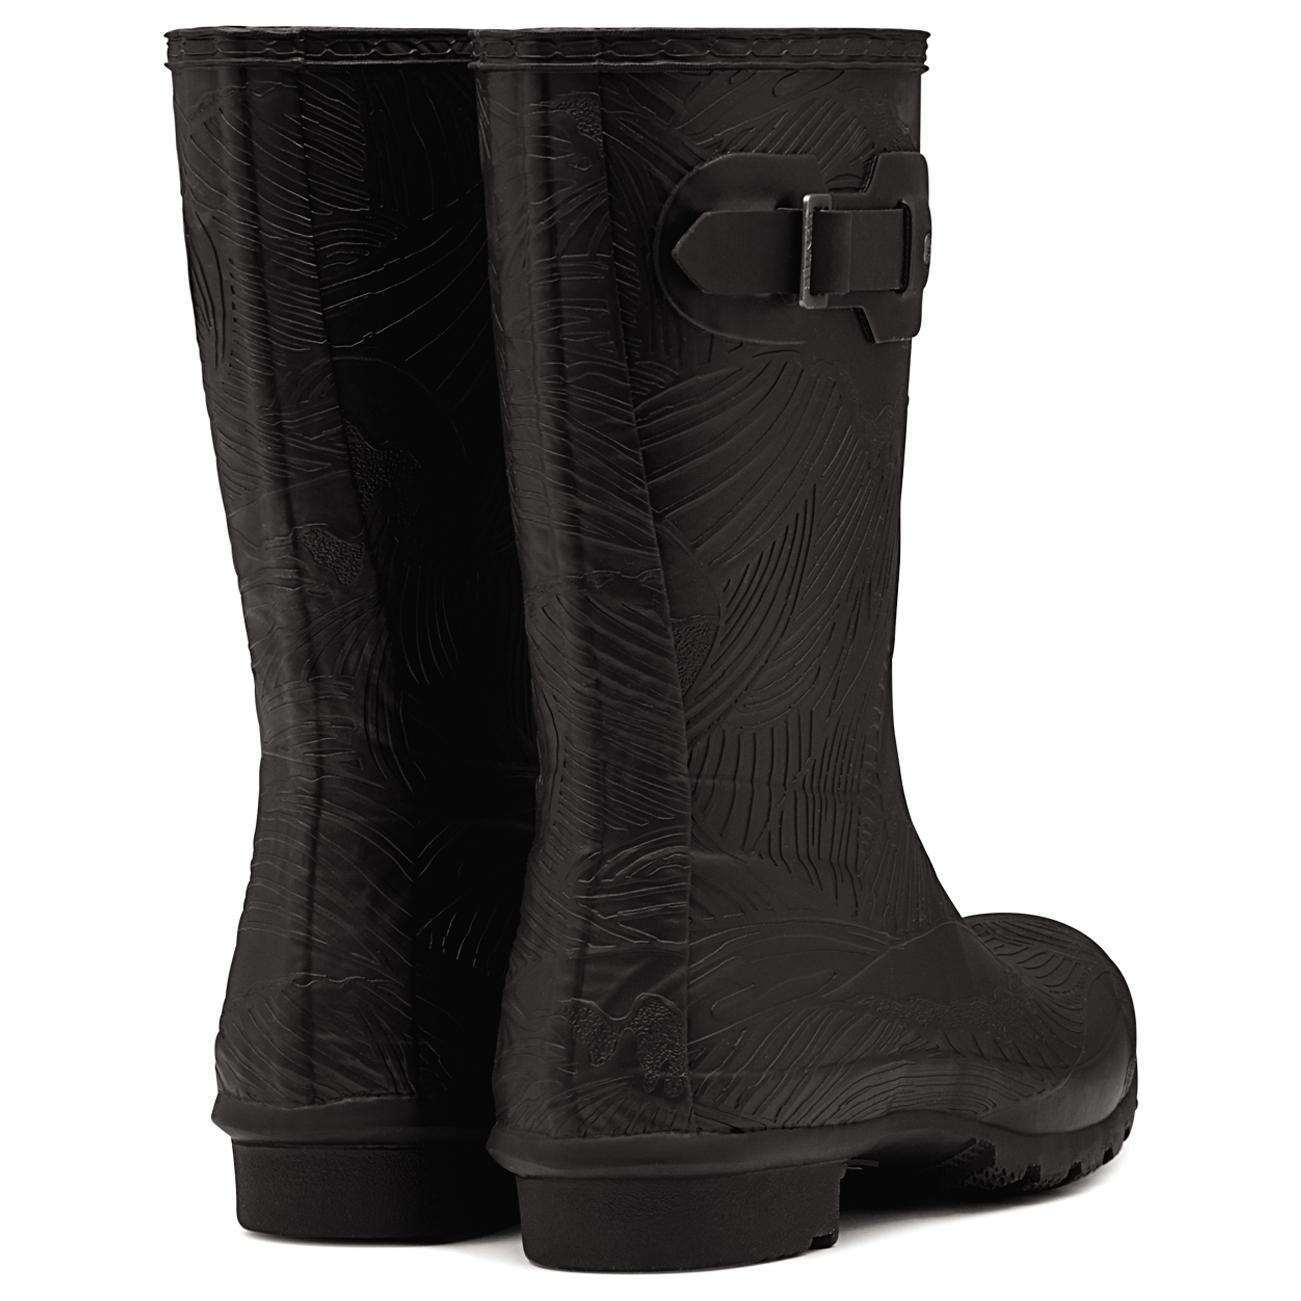 Damenschuhe Hunter Original Short Winter Wave TextuROT Wellies Snow Winter Short Rain Boot UK 3-9 170e27